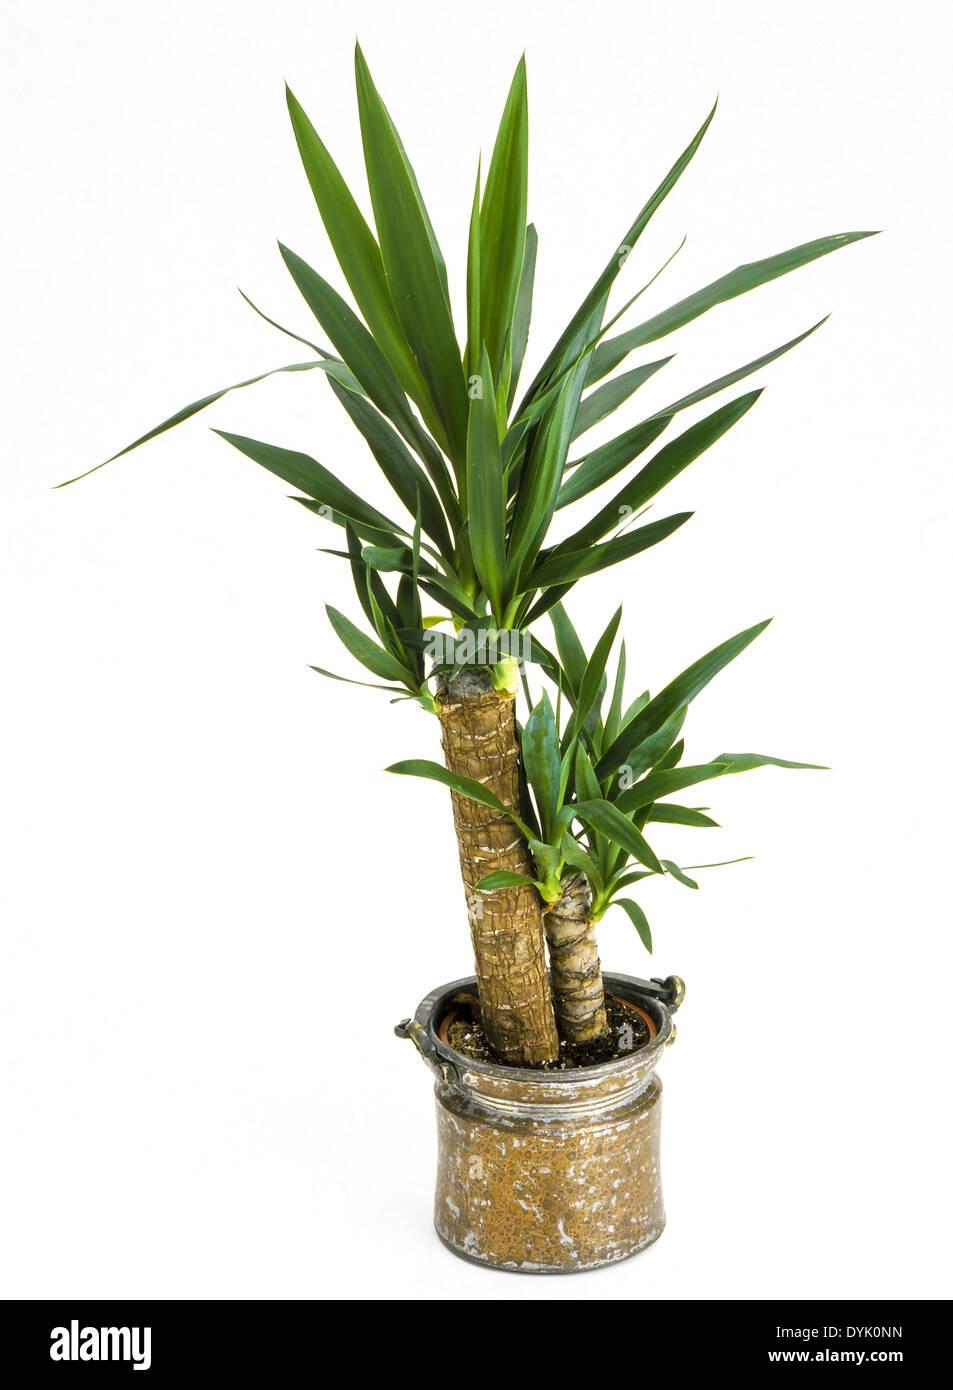 zimmerpflanzen yucca palme in einem topf indoor plants yucca palm stock photo 68644513 alamy